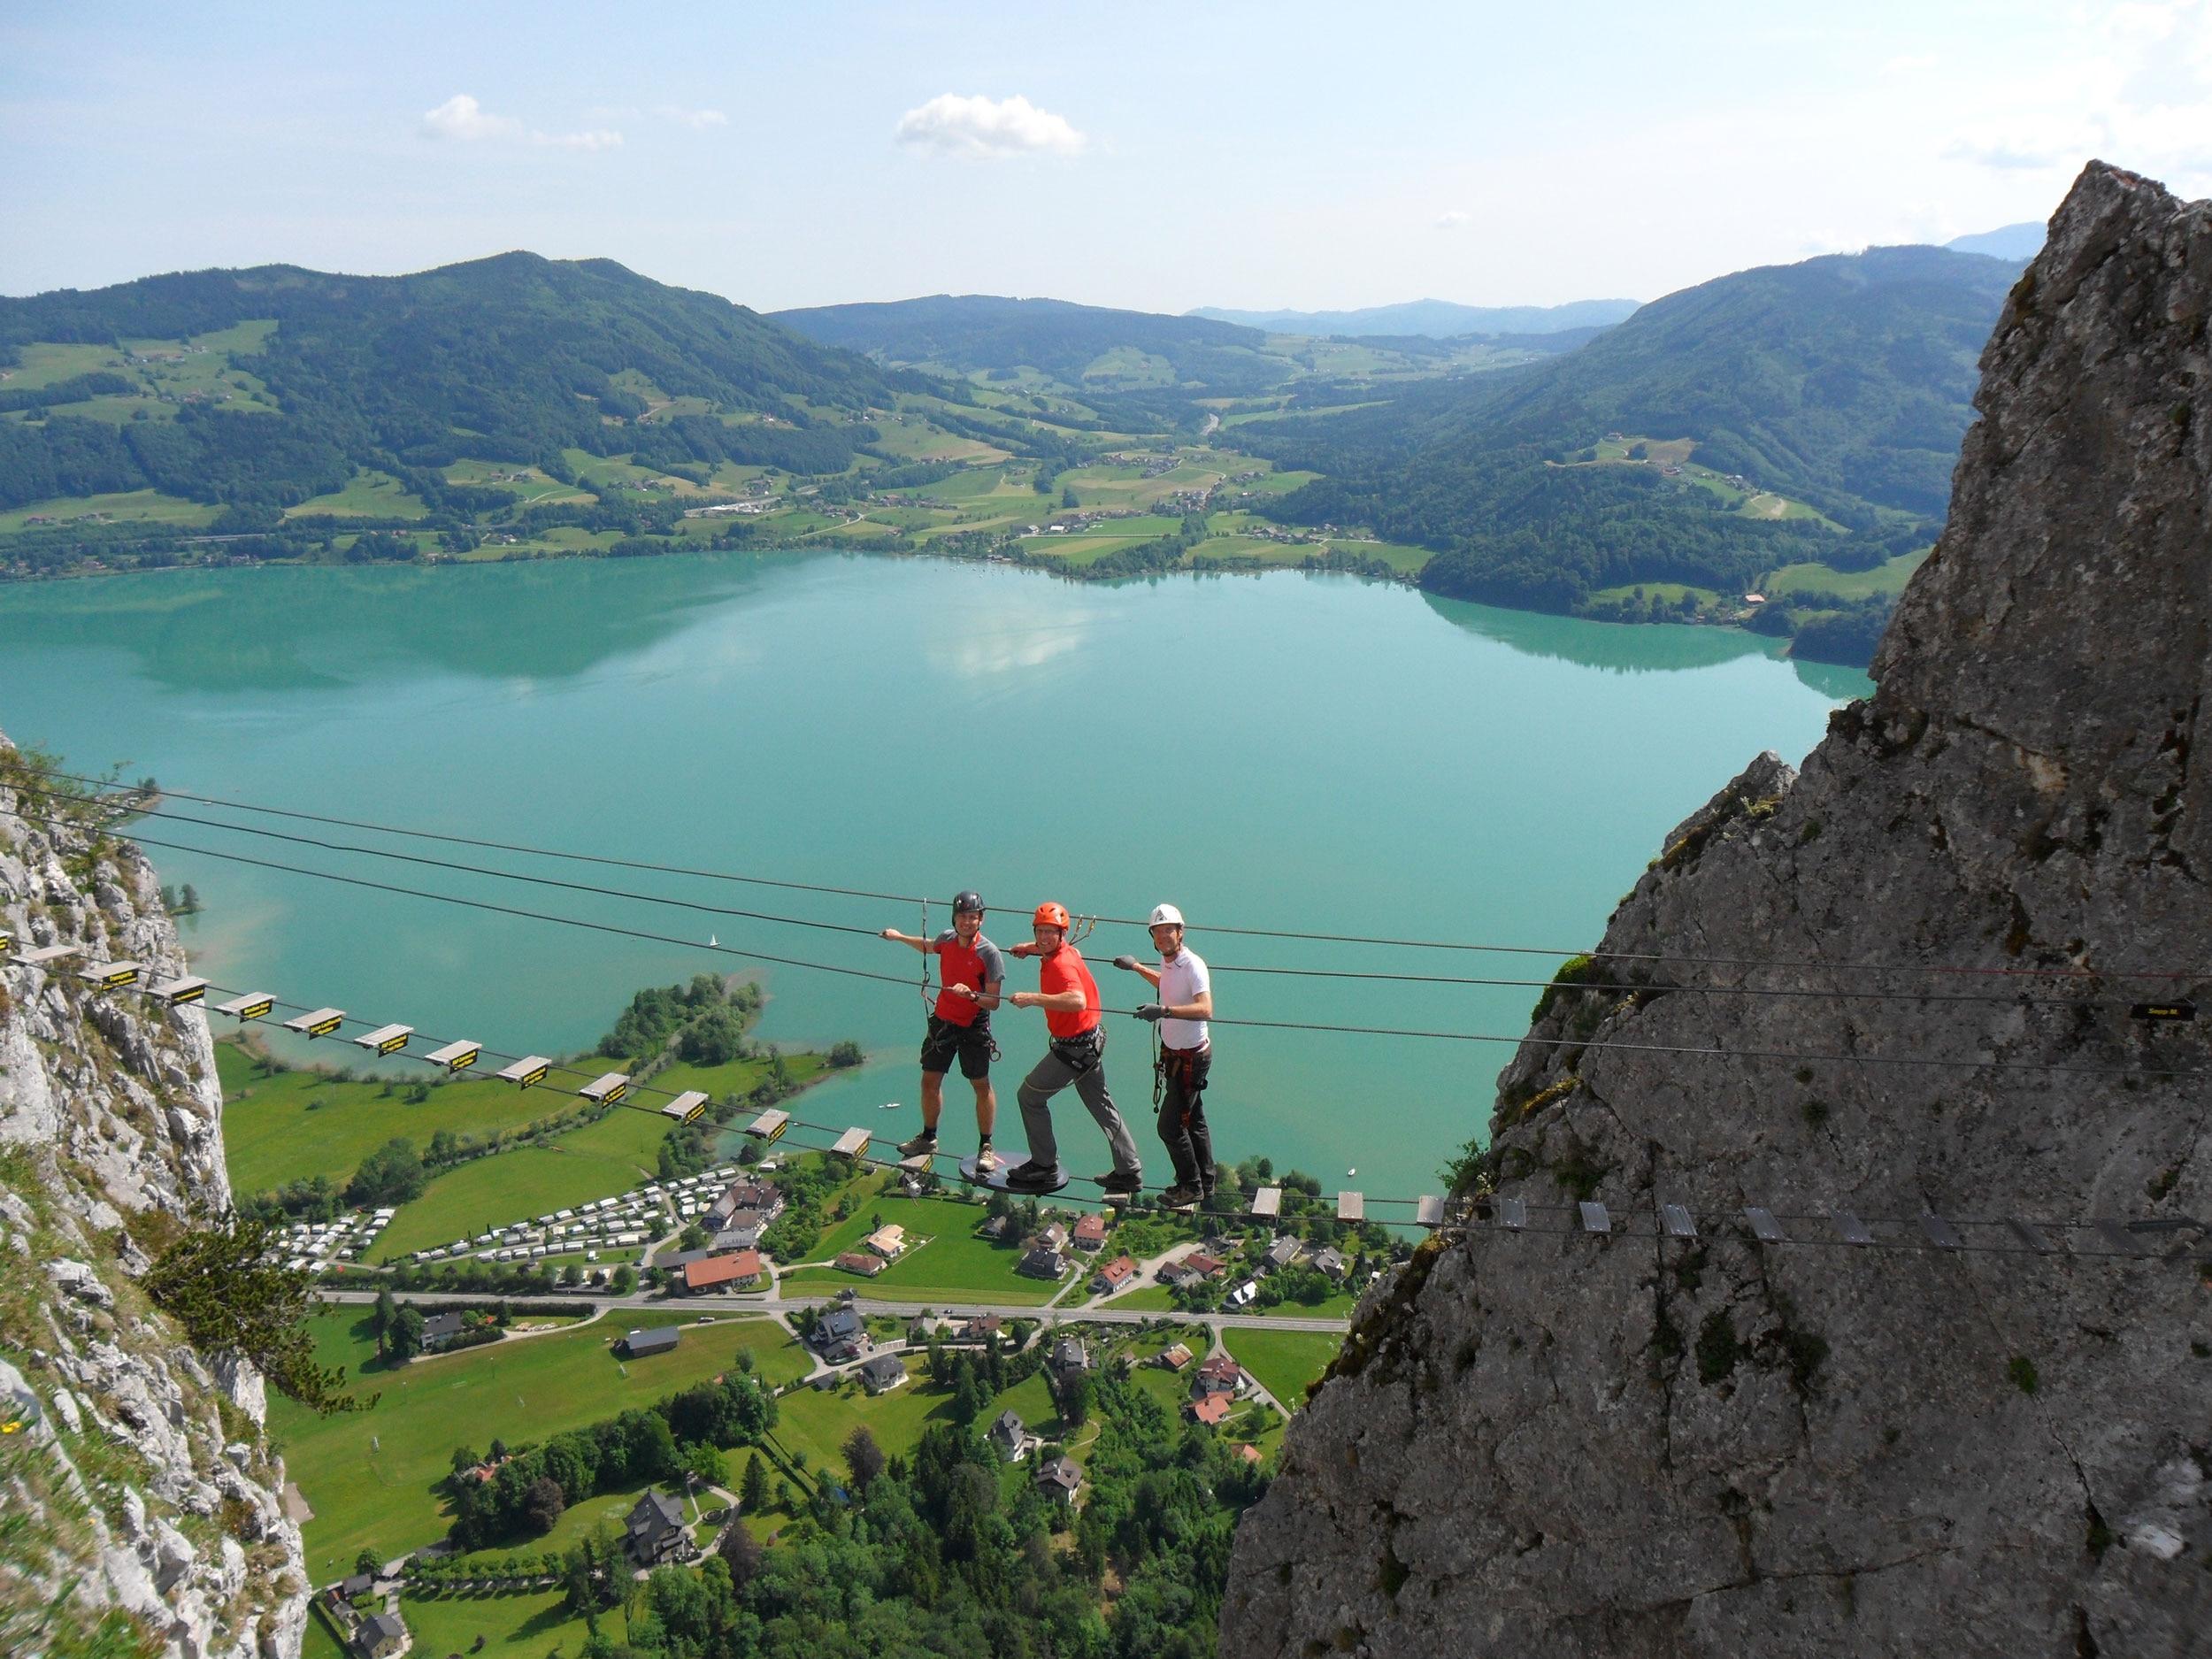 Klettersteig Drachenwand : Check der drachenwand klettersteig c d bergwelten